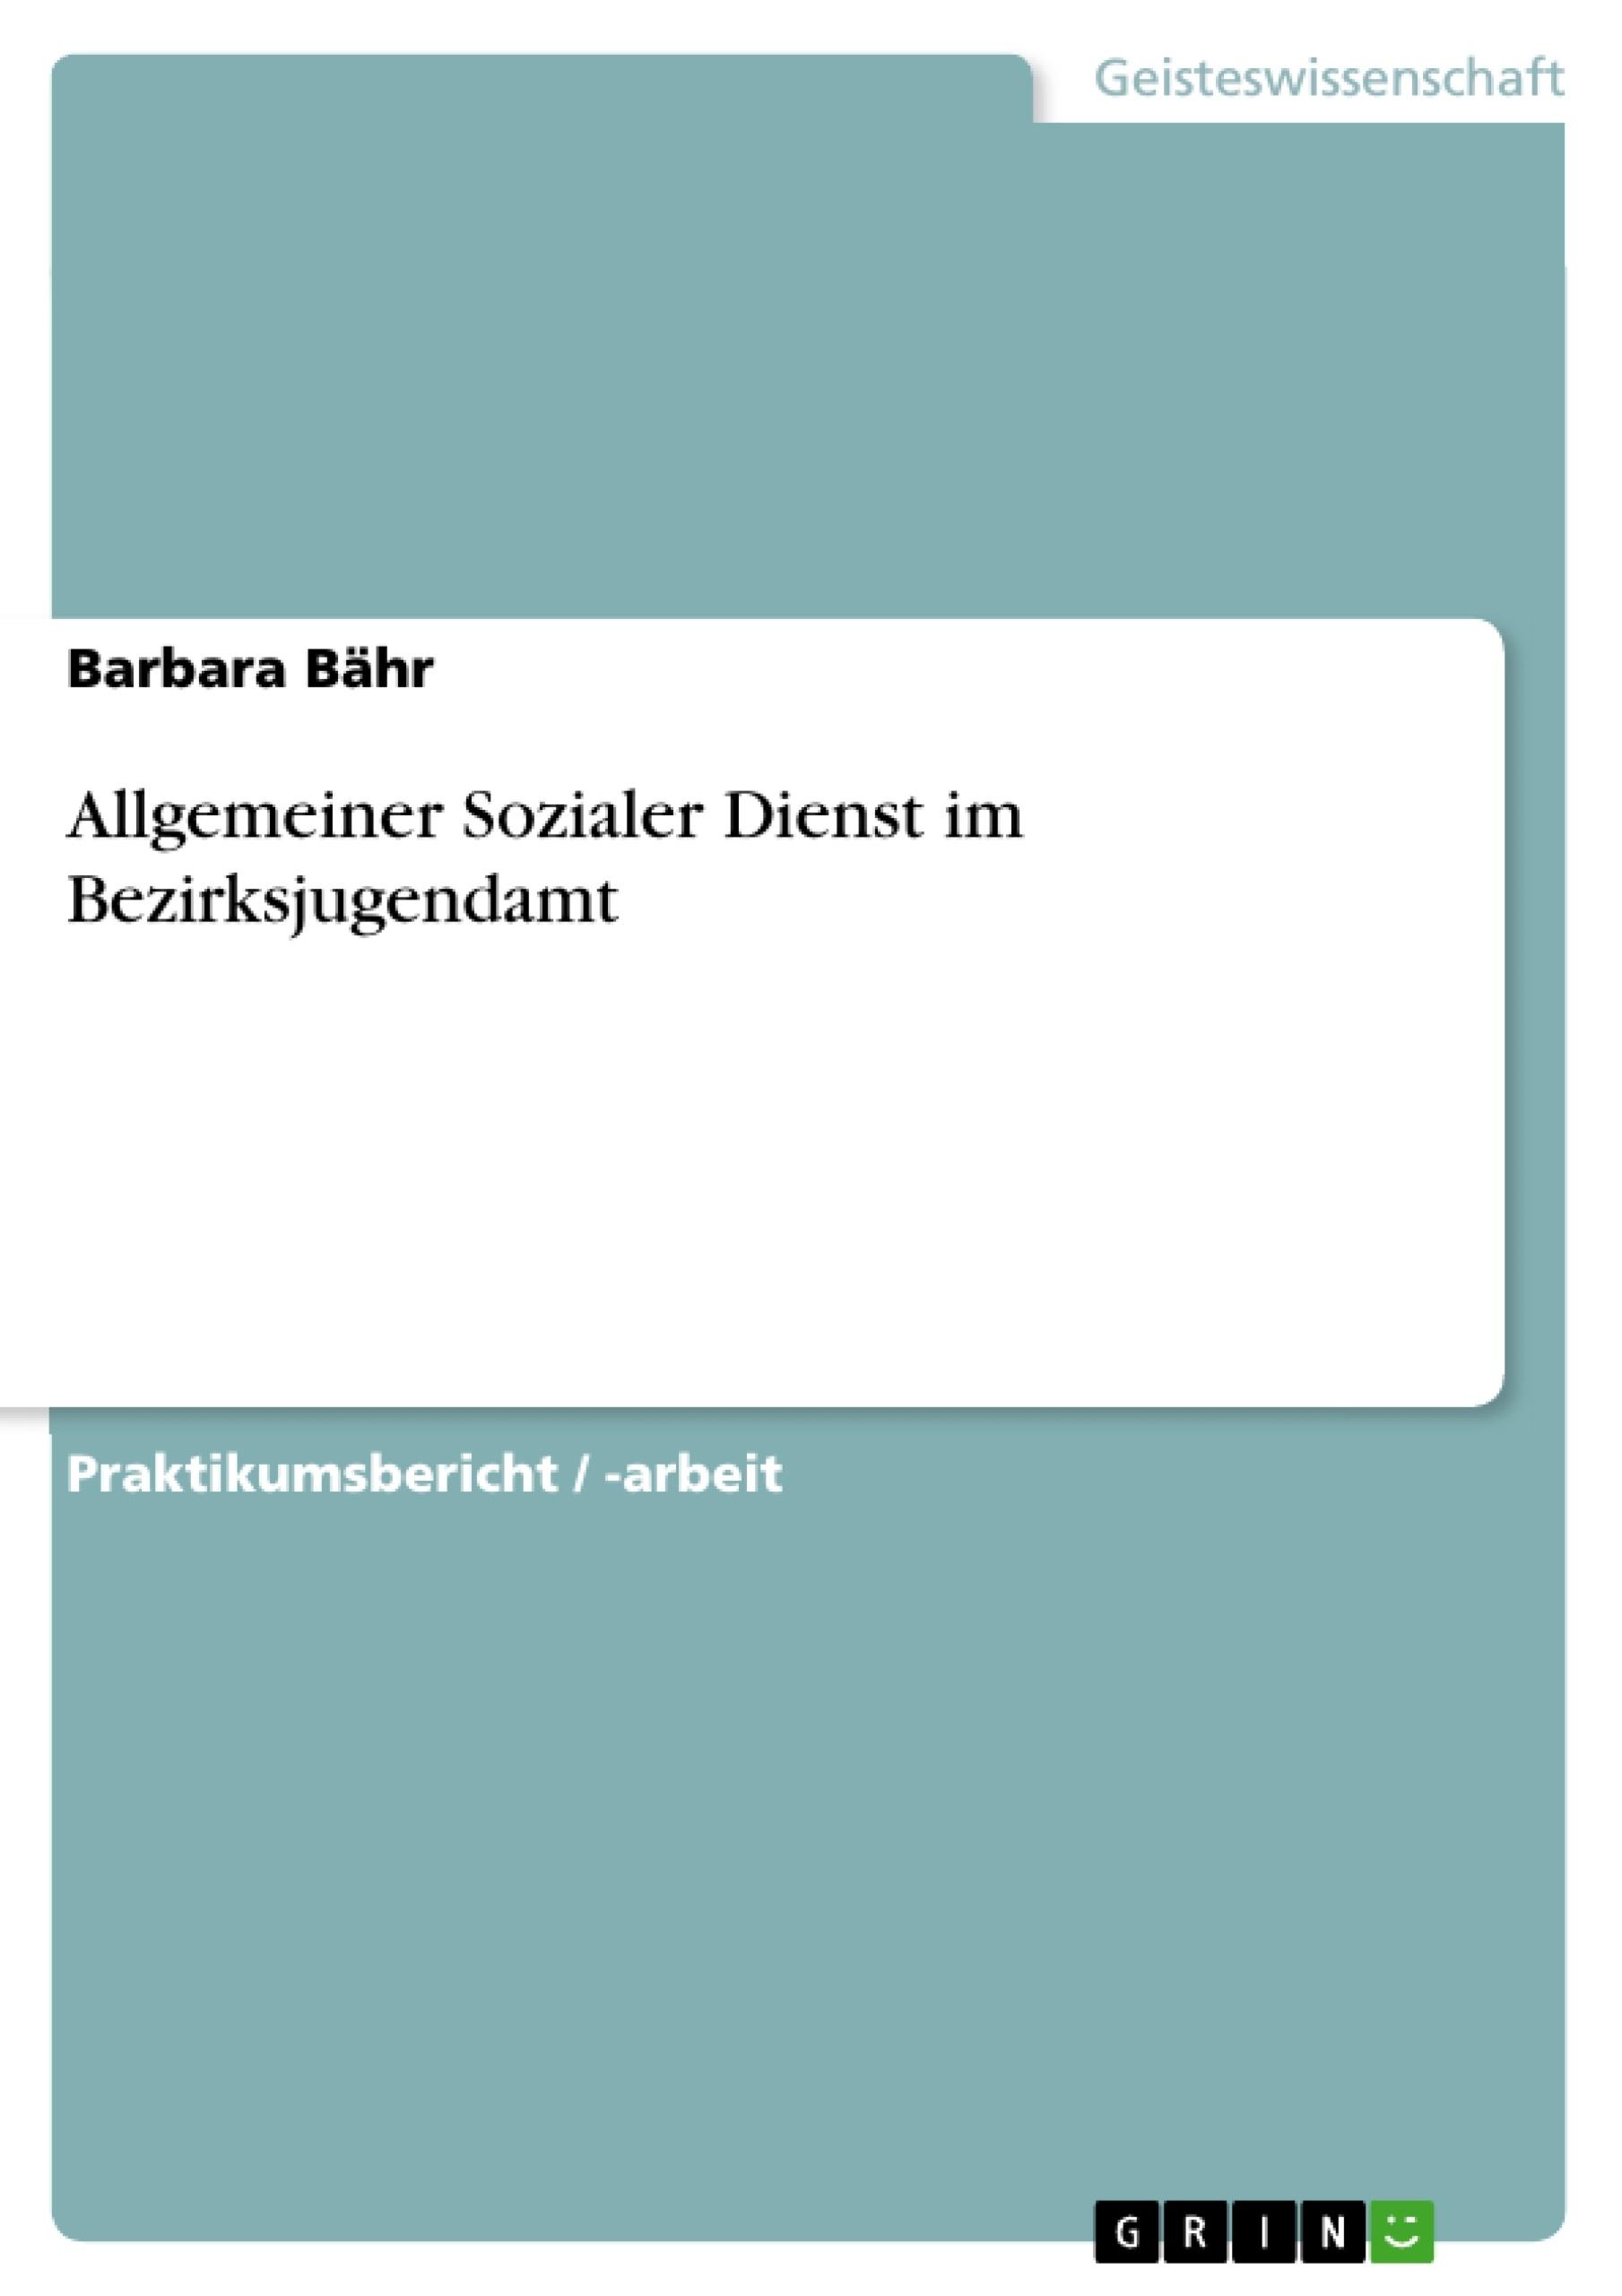 Titel: Allgemeiner Sozialer Dienst im Bezirksjugendamt